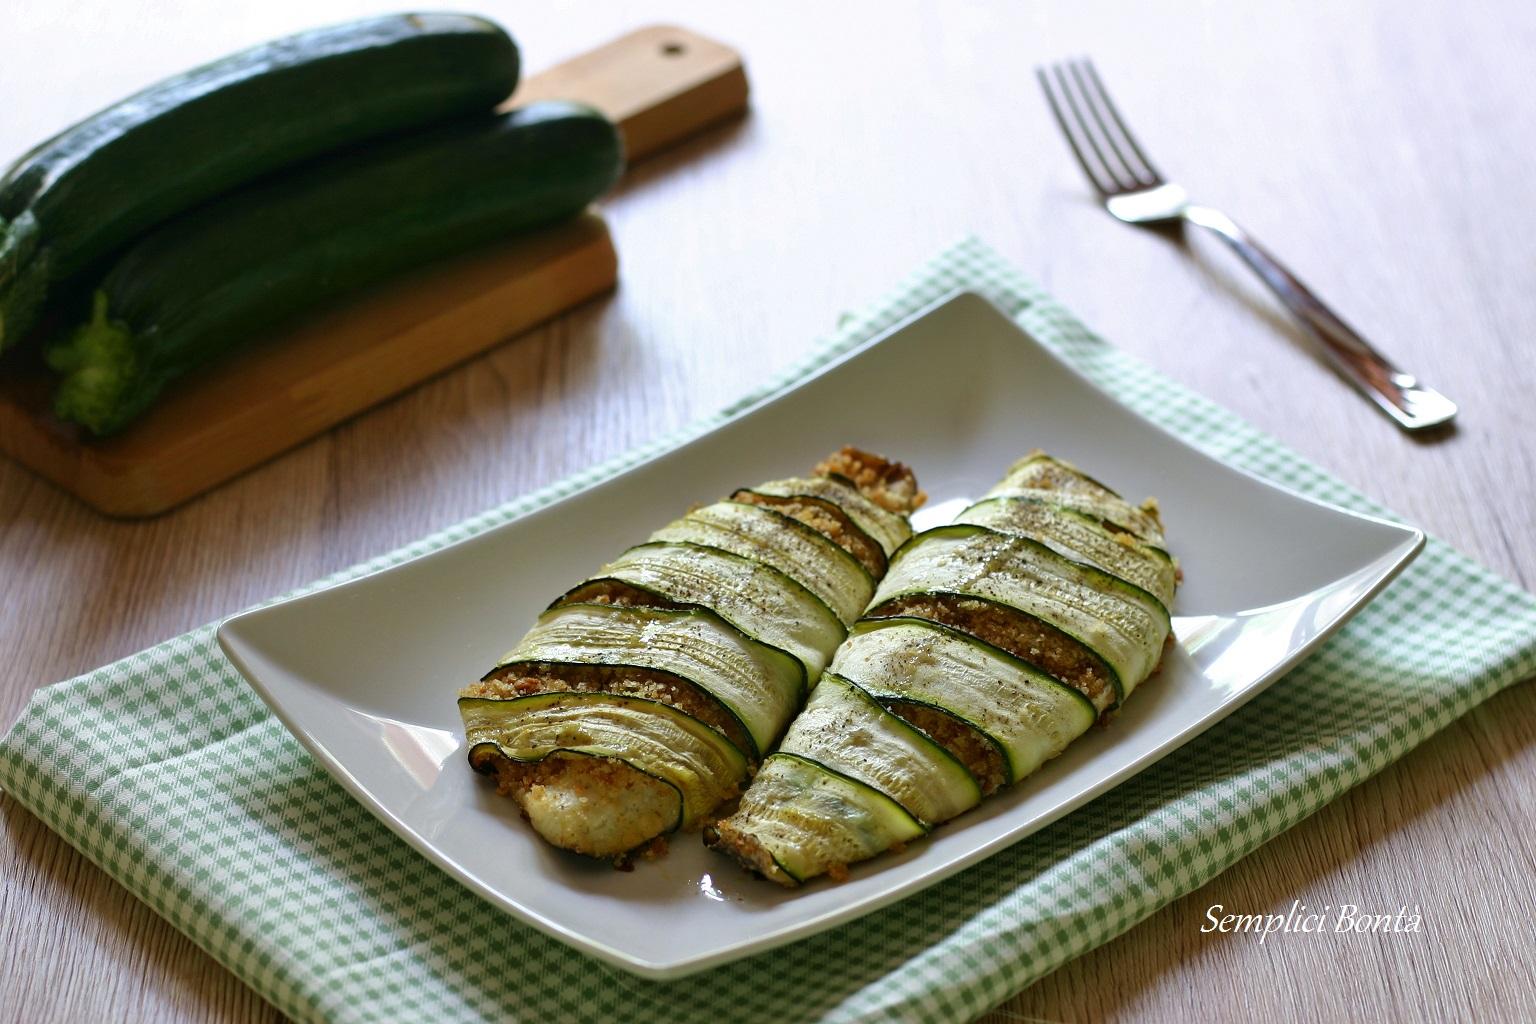 Disegno cucinare filetti di branzino : FILETTI DI BRANZINO AL FORNO IN CROSTA DI ZUCCHINE